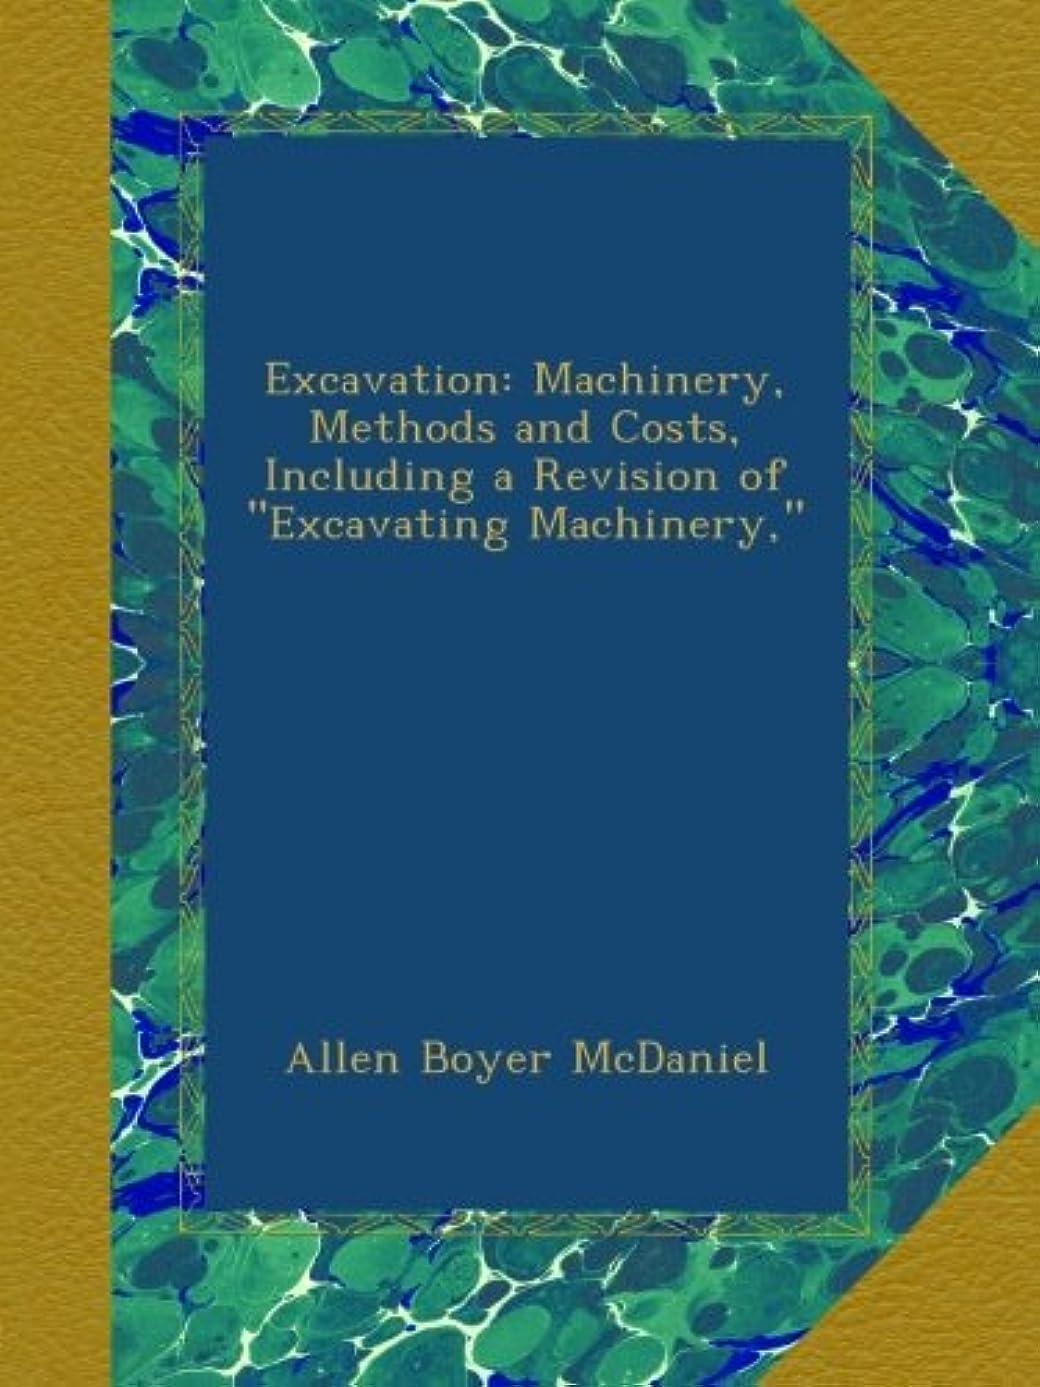 気難しいはい公演Excavation: Machinery, Methods and Costs, Including a Revision of